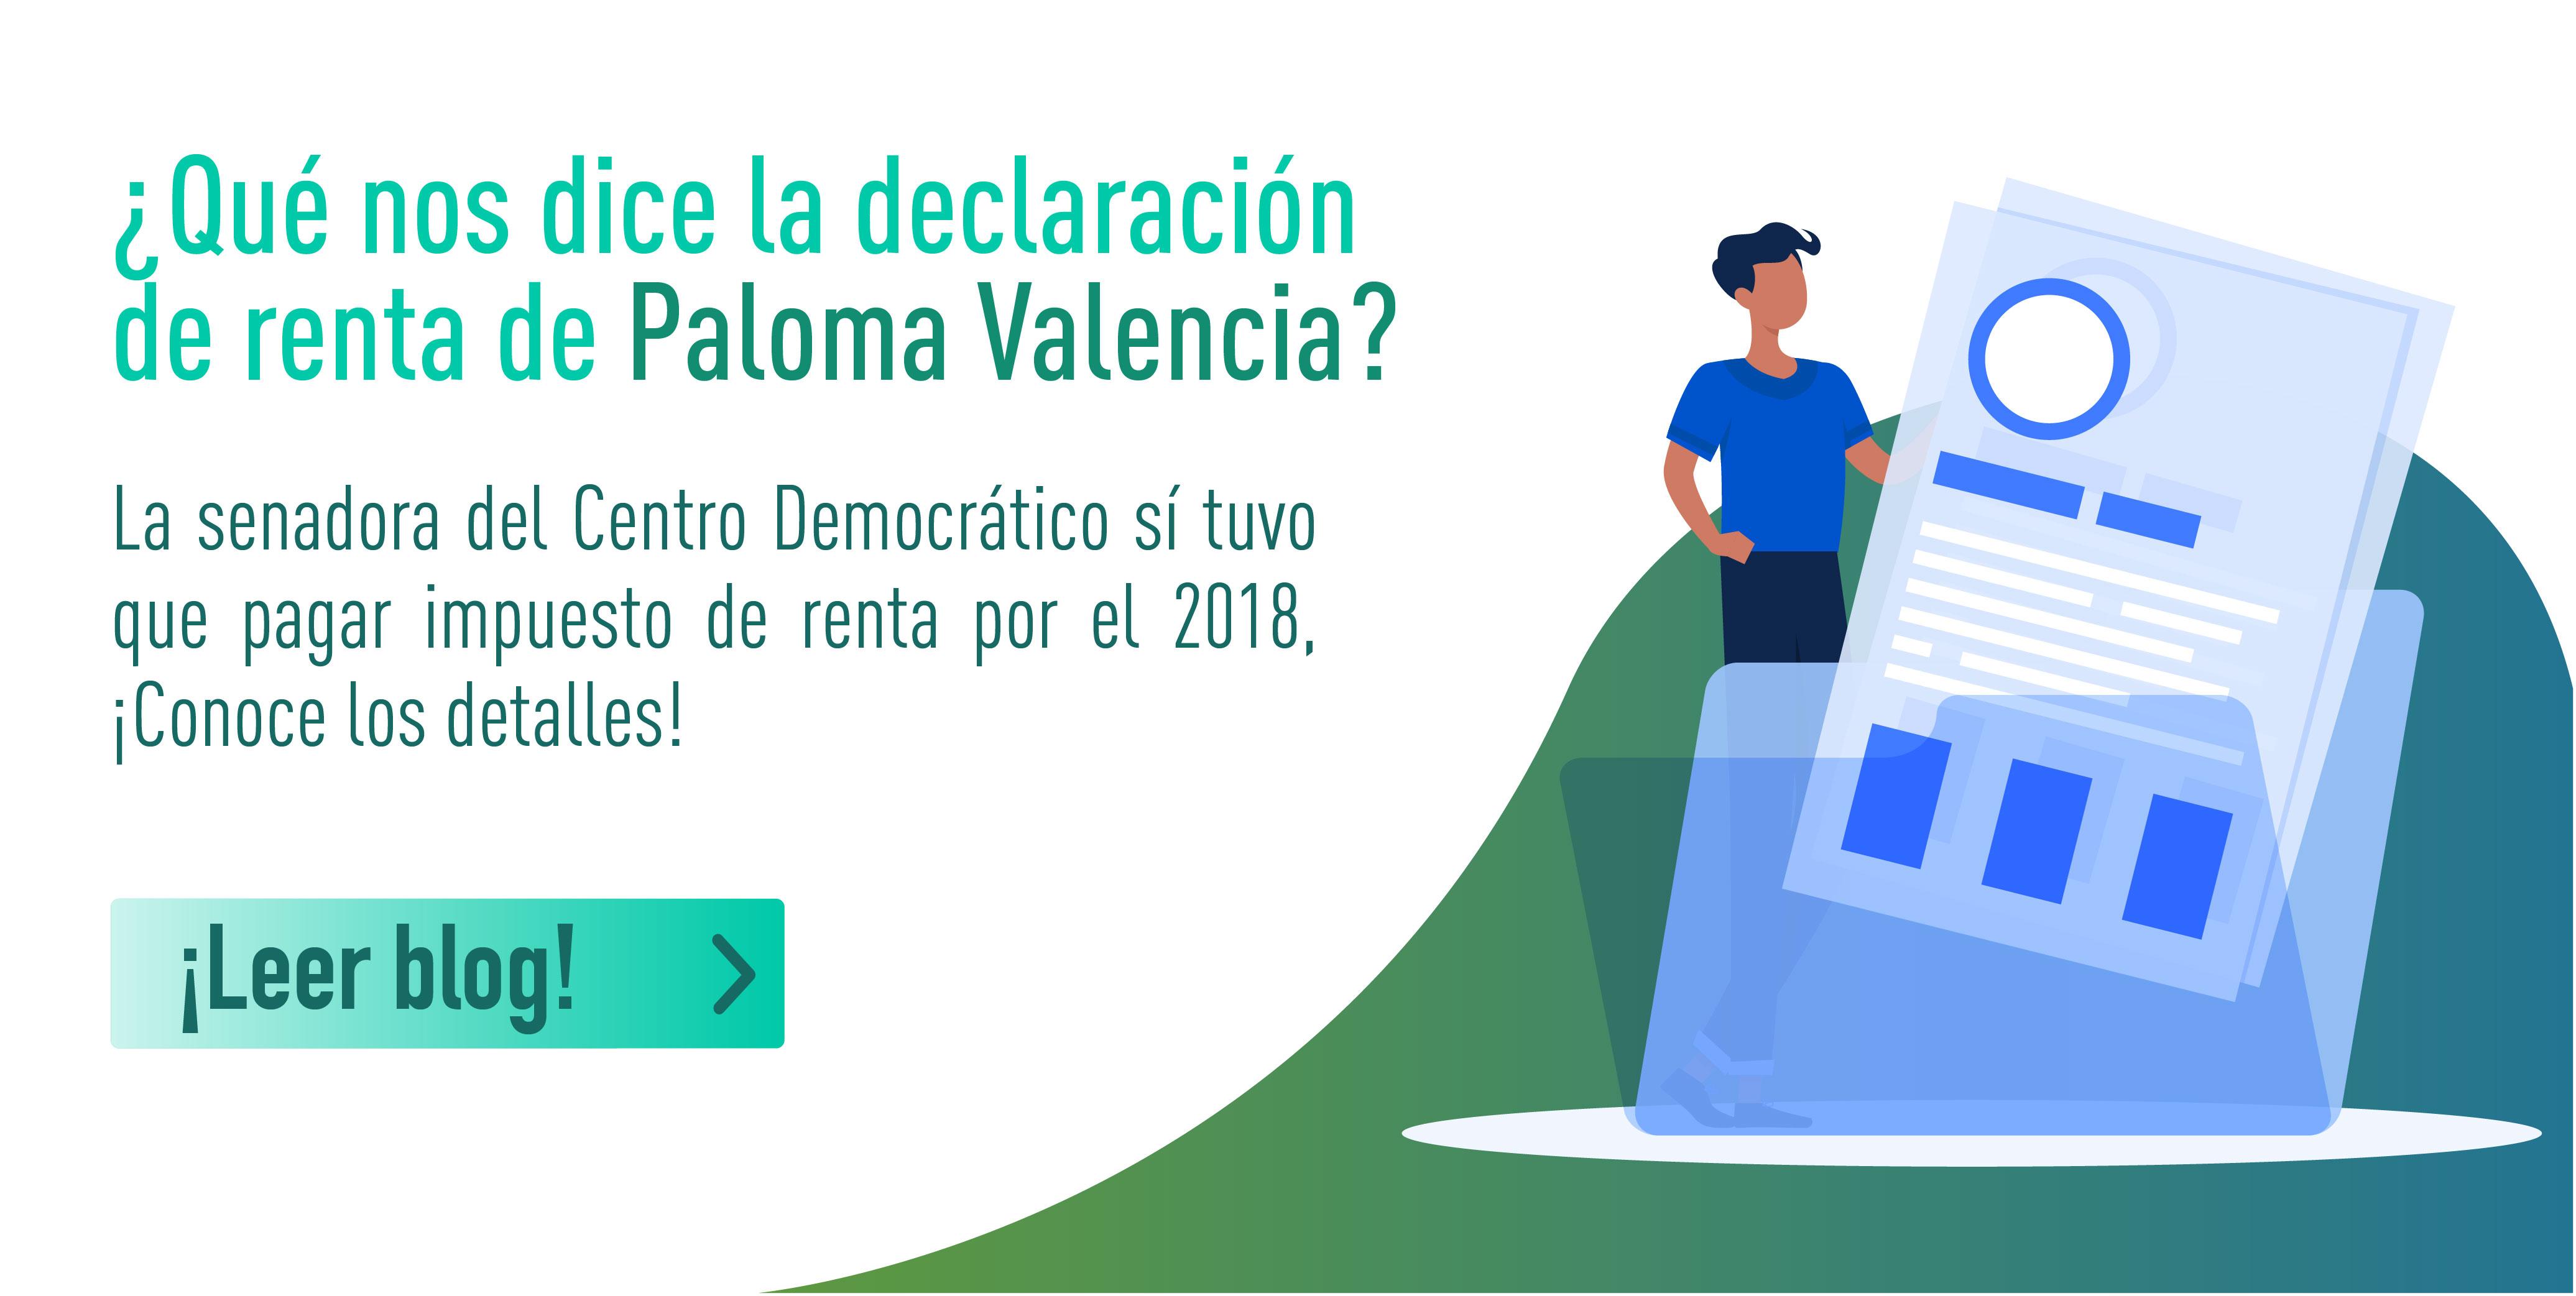 Paloma Valencia otra de las senadoras con impuesto de renta a pagar